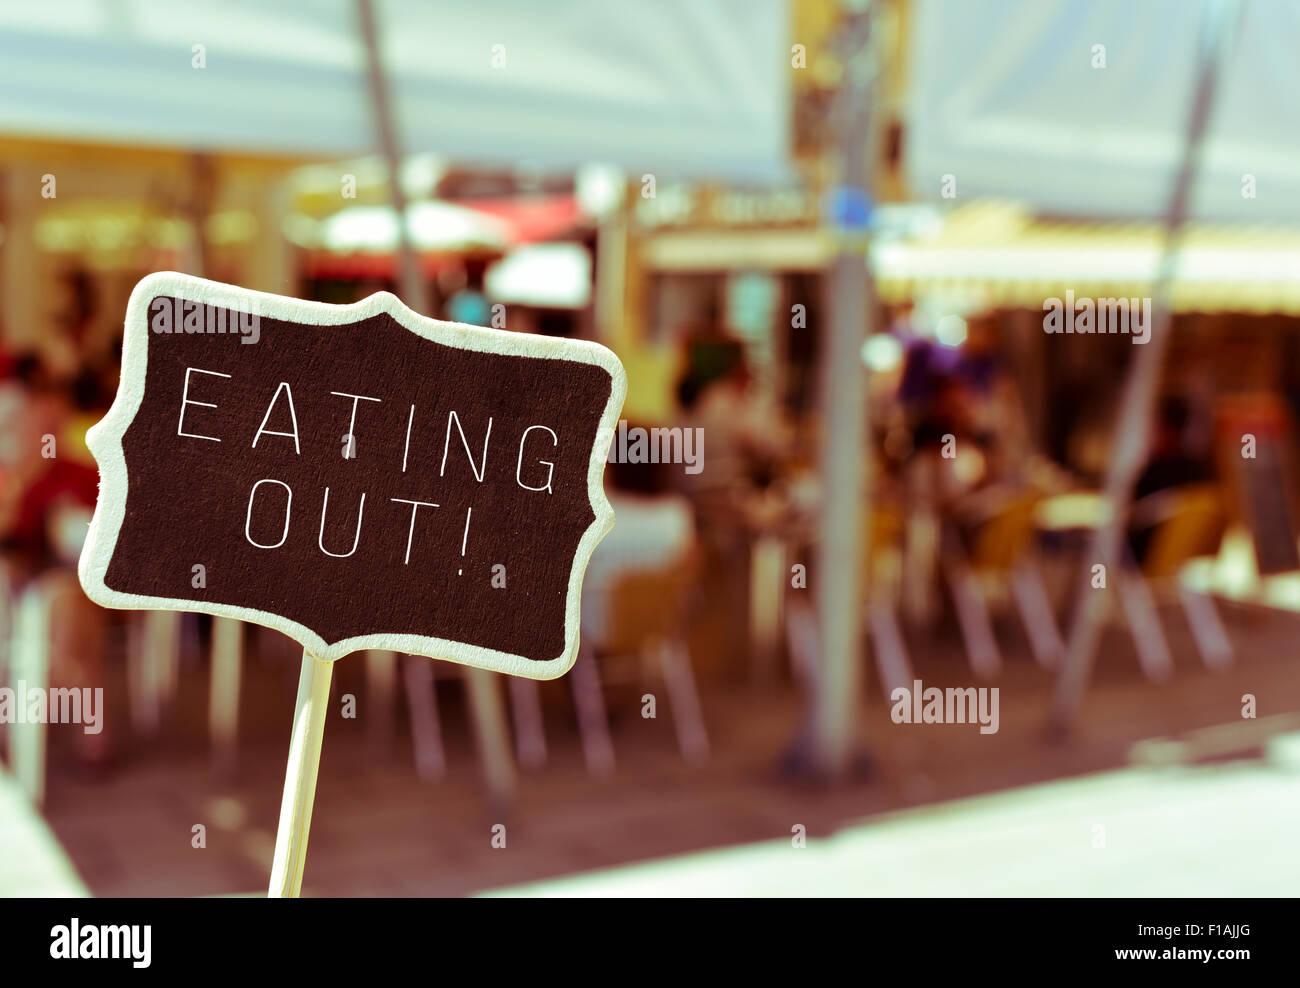 Nahaufnahme von einer Tafel mit dem Text, Essen und trinken, in der belebten Terrasse eines Restaurants Stockbild